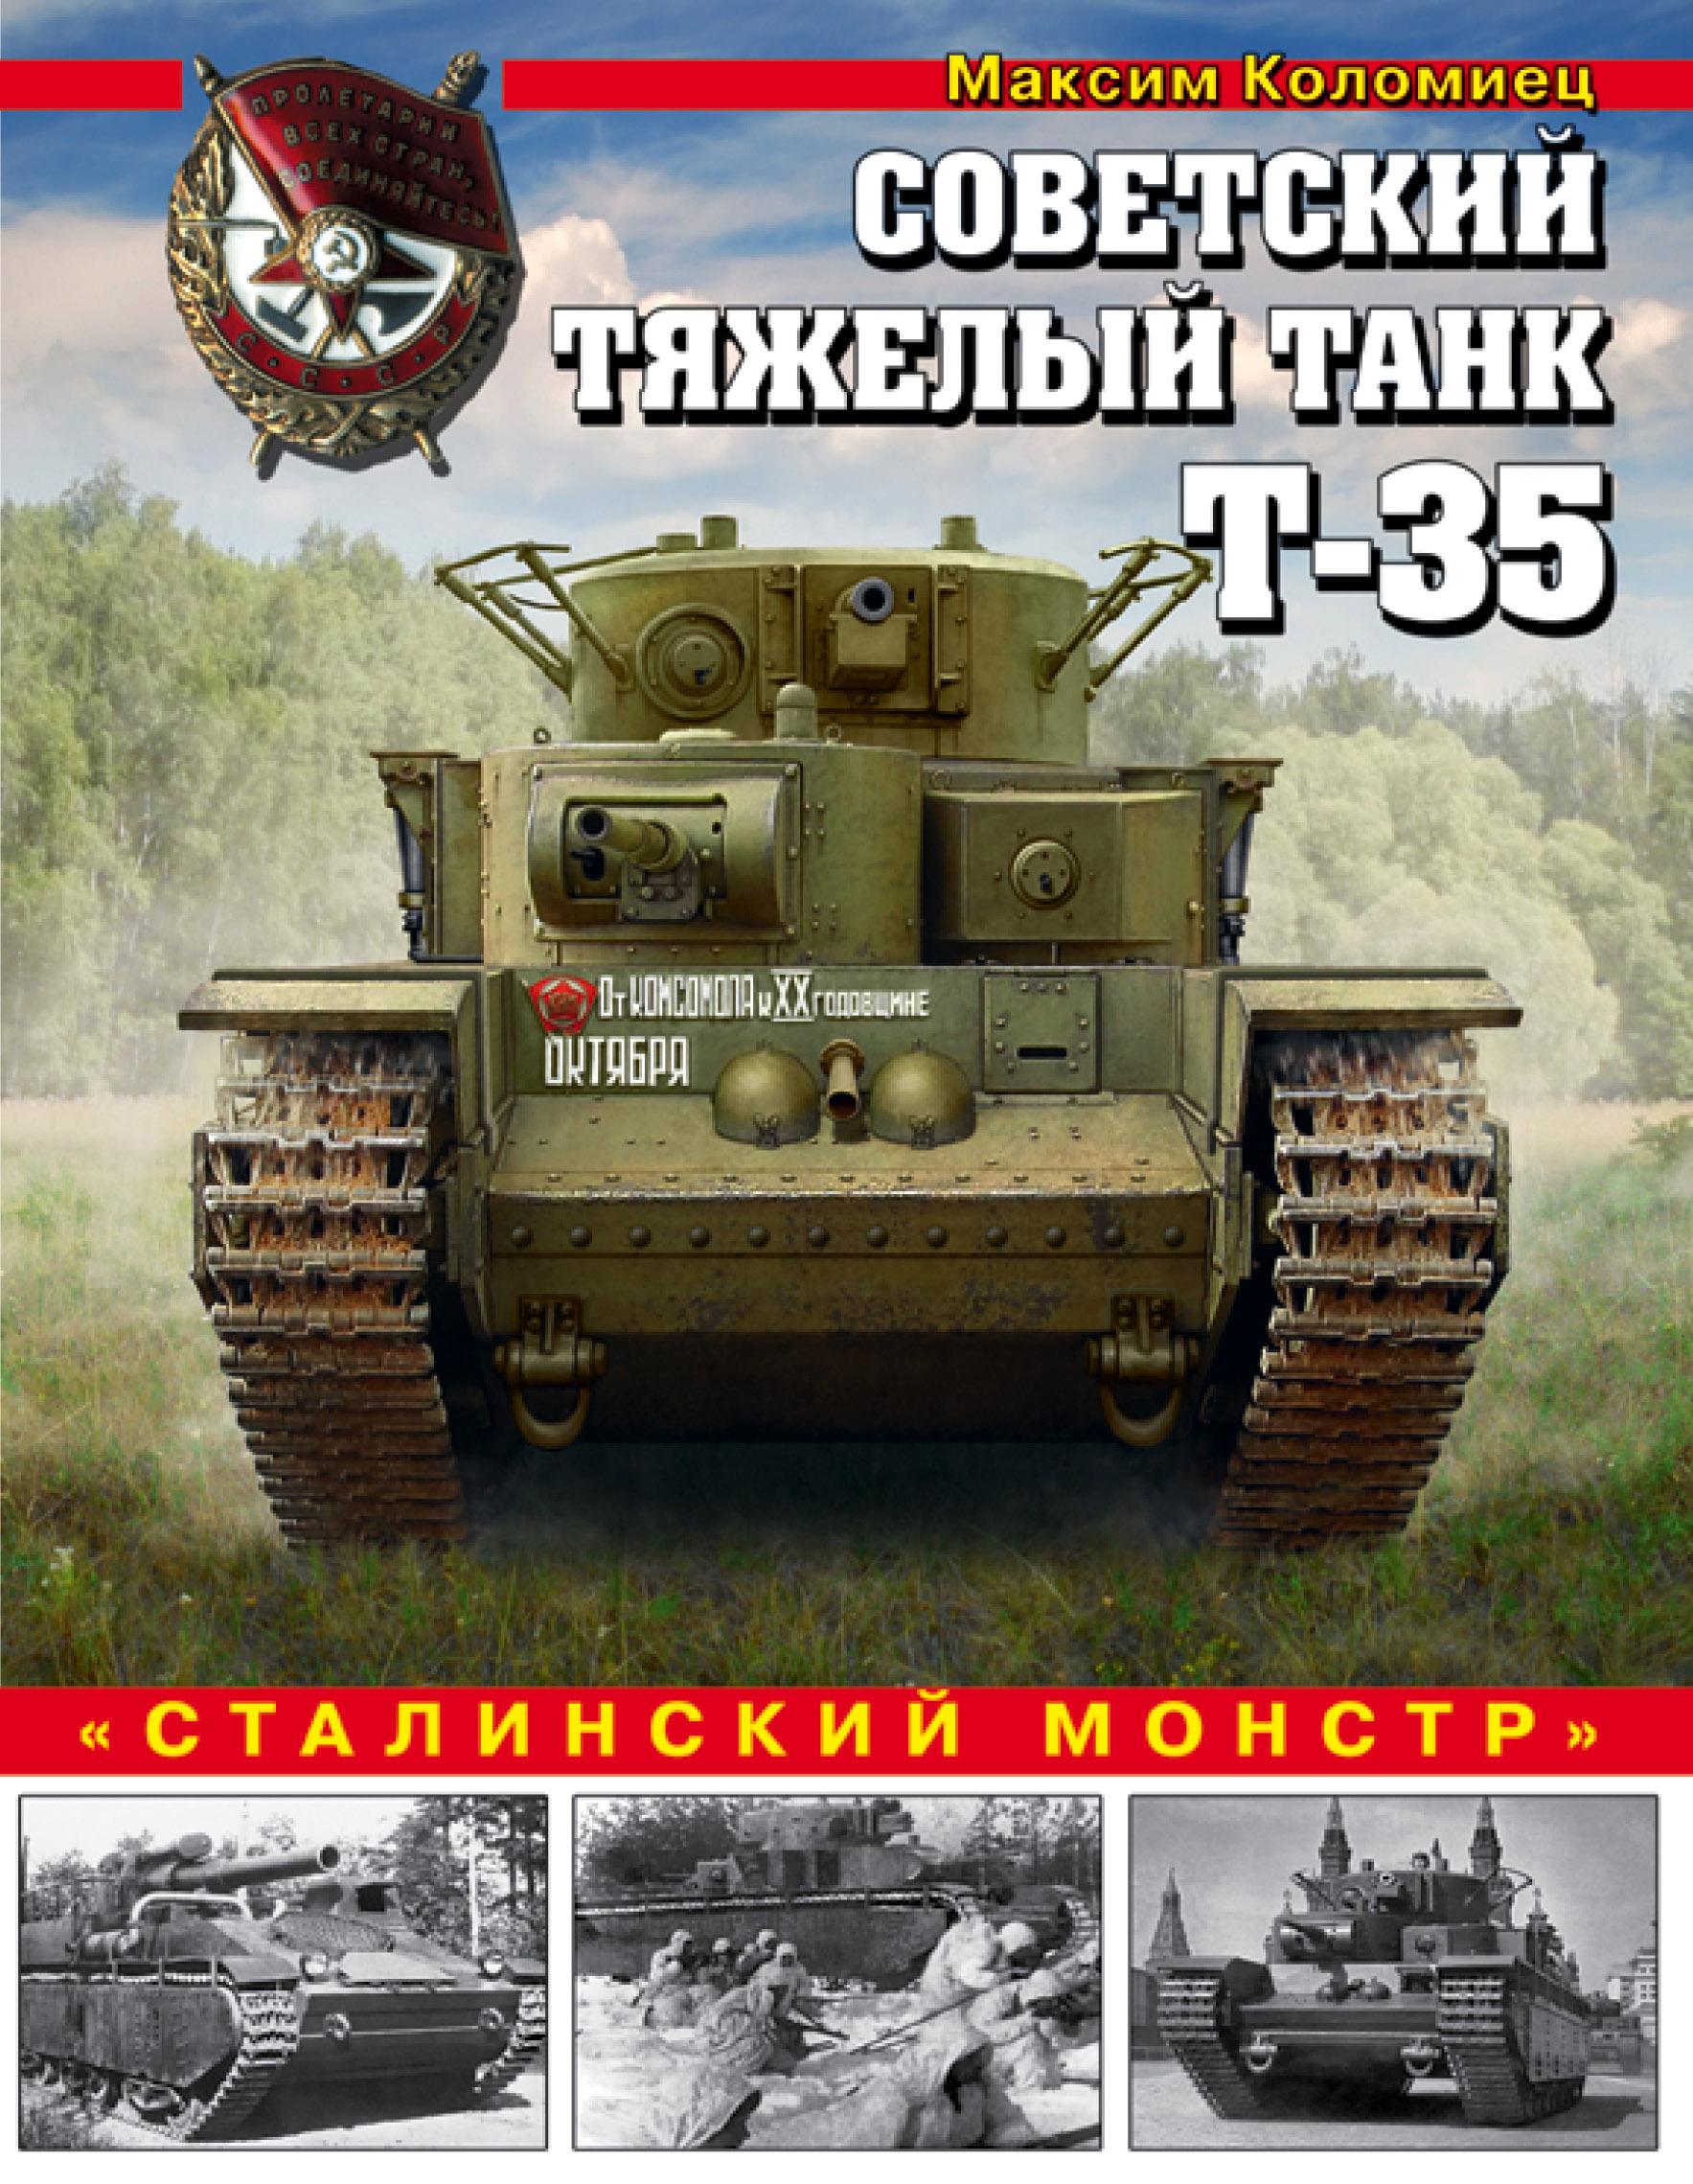 Максим Коломиец Советский тяжелый танк Т-35. «Сталинский монстр» коломиец м советский тяжелый танк т 35 сталинский монстр